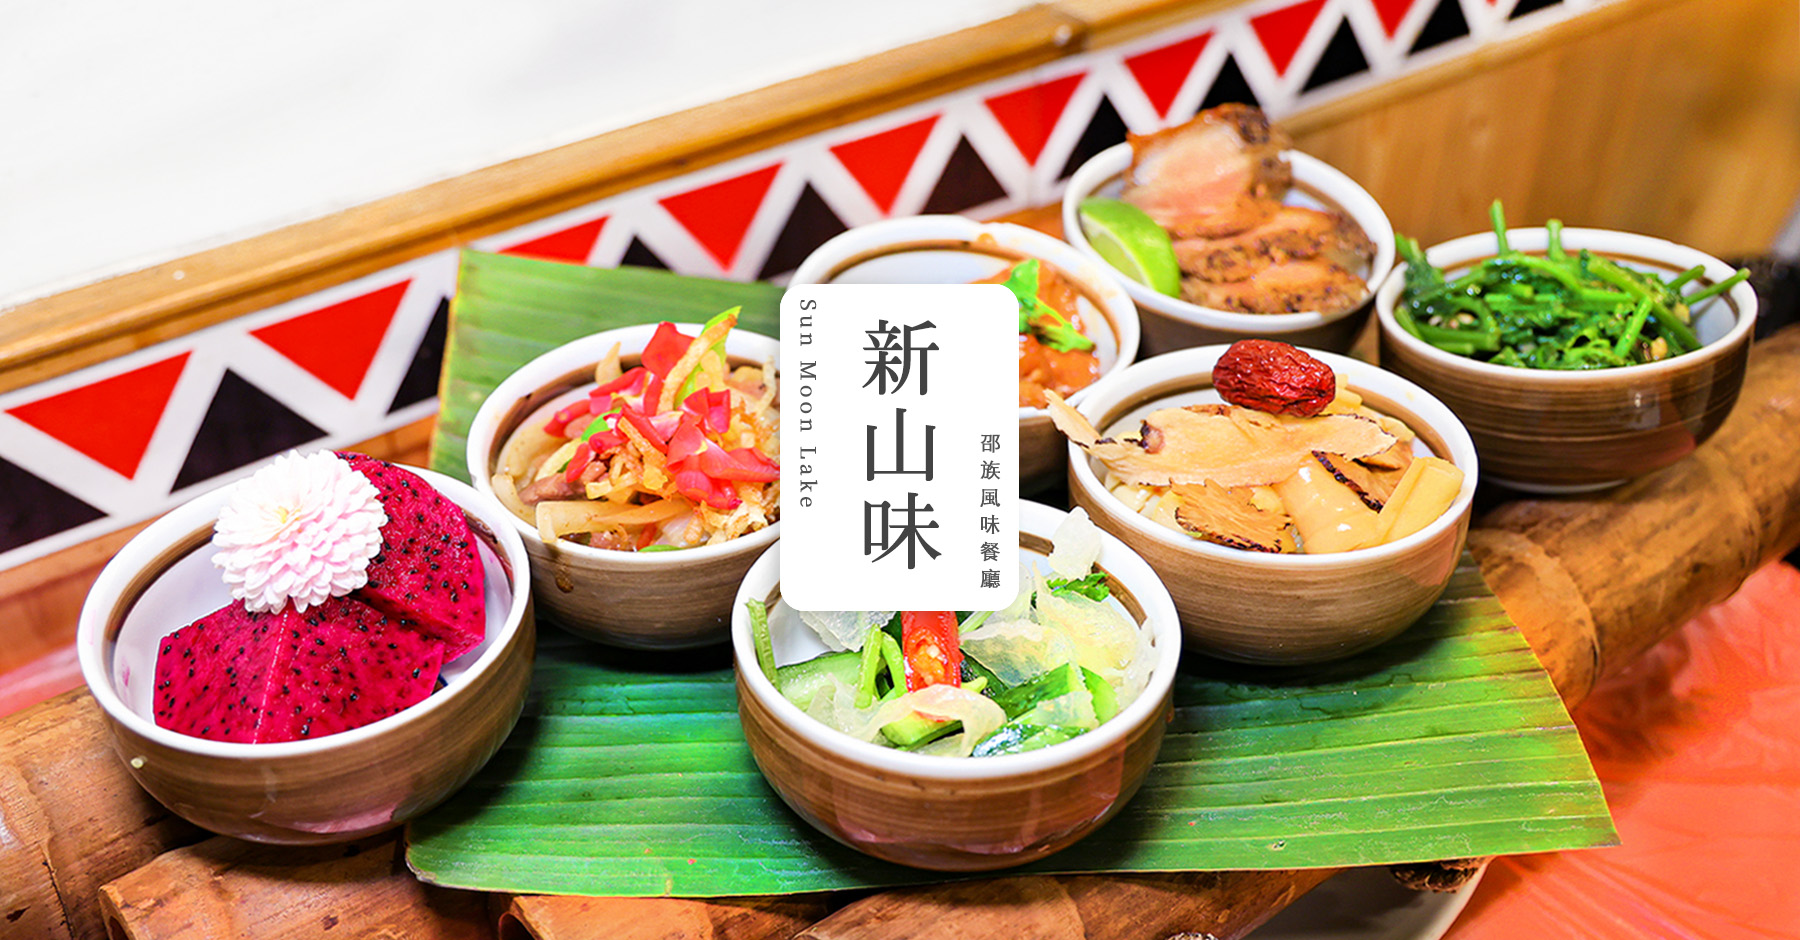 南投美食 日月潭新山味邵族風味餐廳 創意料理必吃總統魚山豬肉菜單水社碼頭